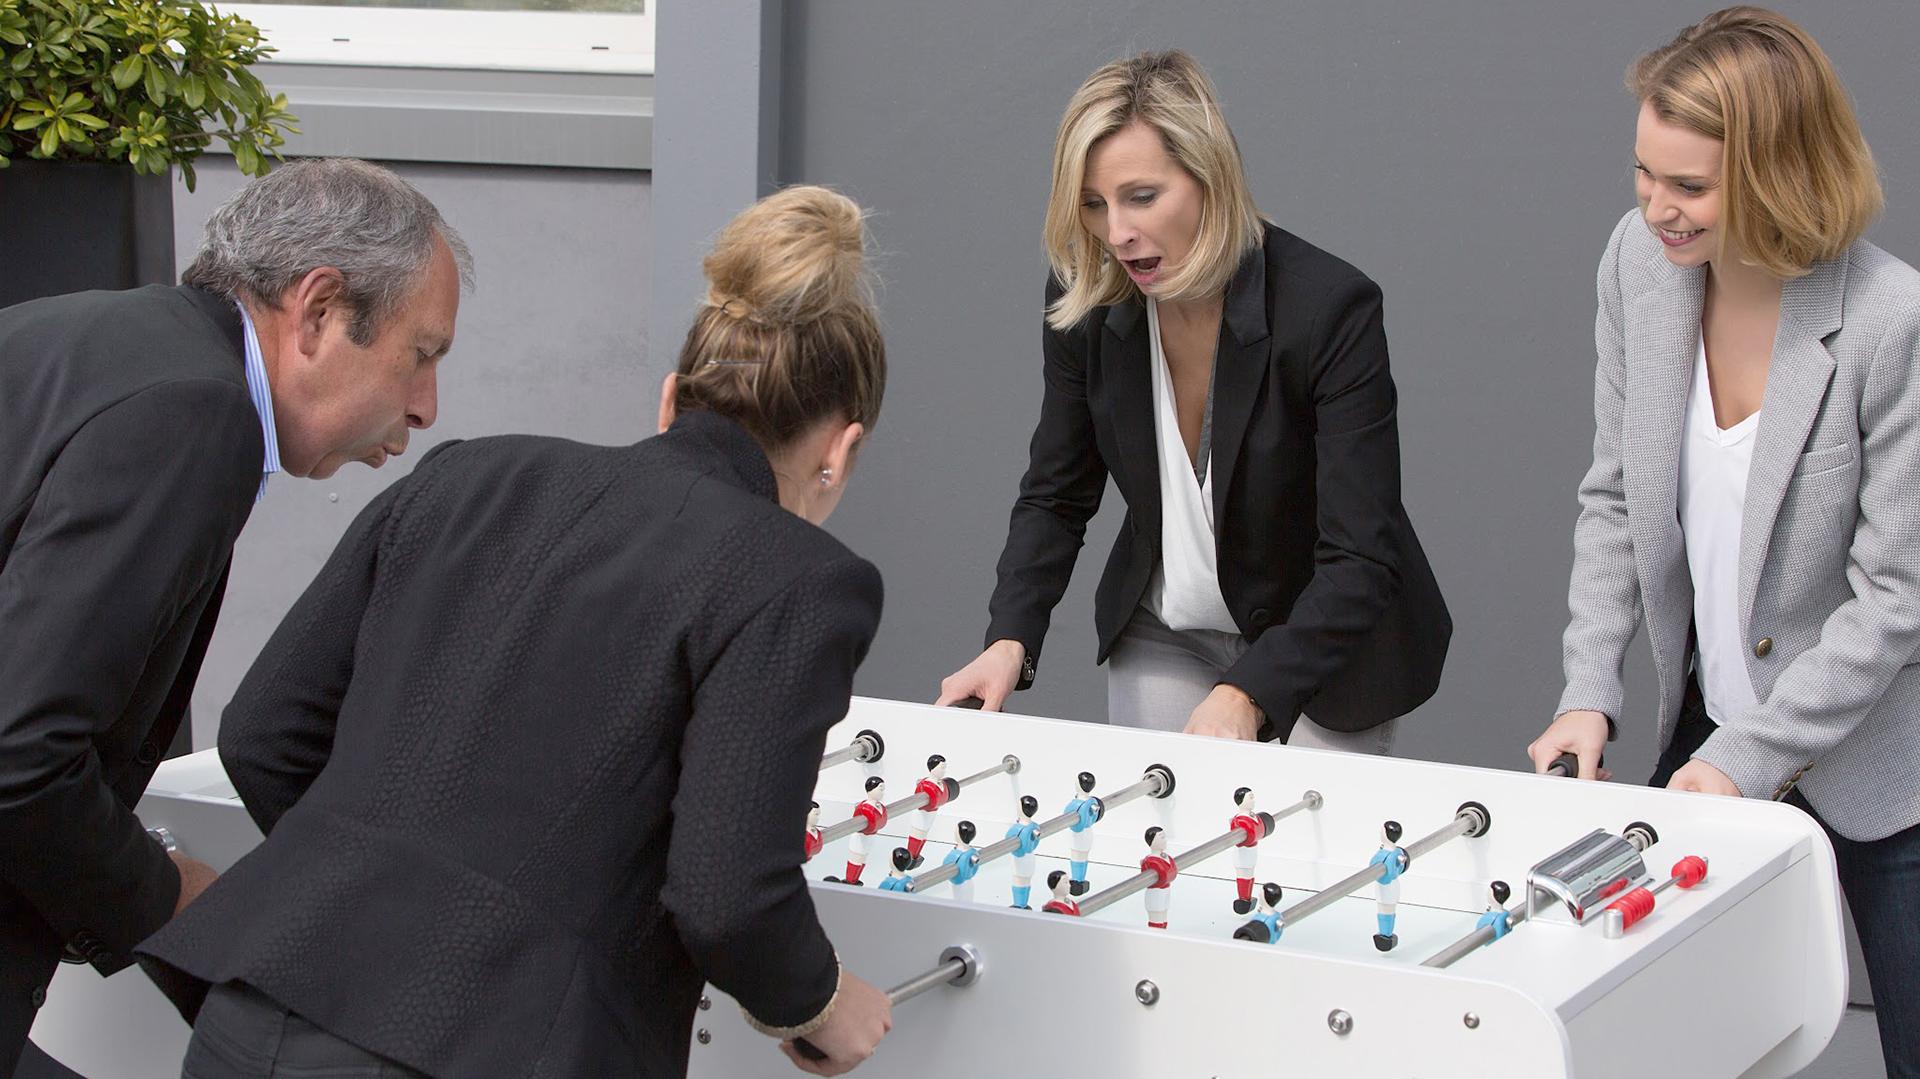 Cada vez más empresas amplían sus oficinas con múltiples espacios de esparcimiento (IStock)